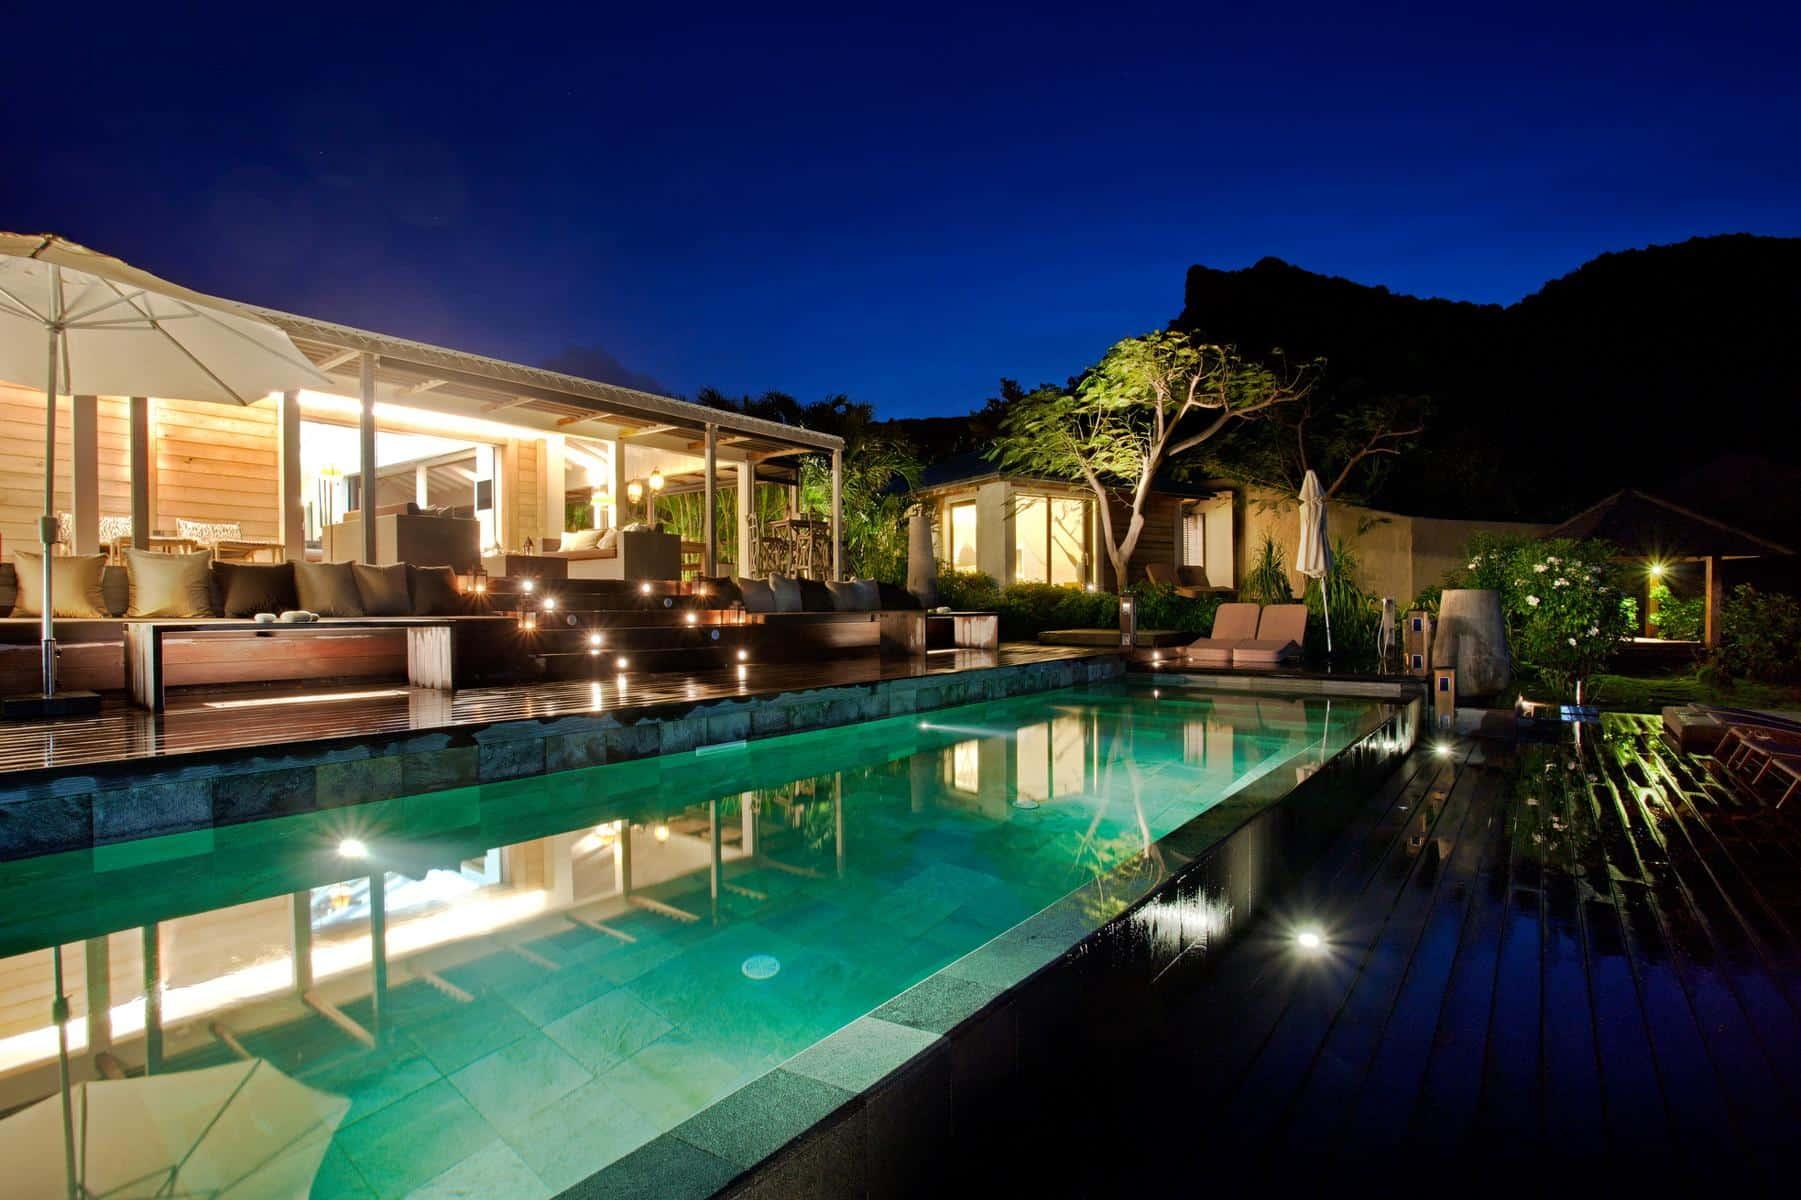 villas in st. bart's